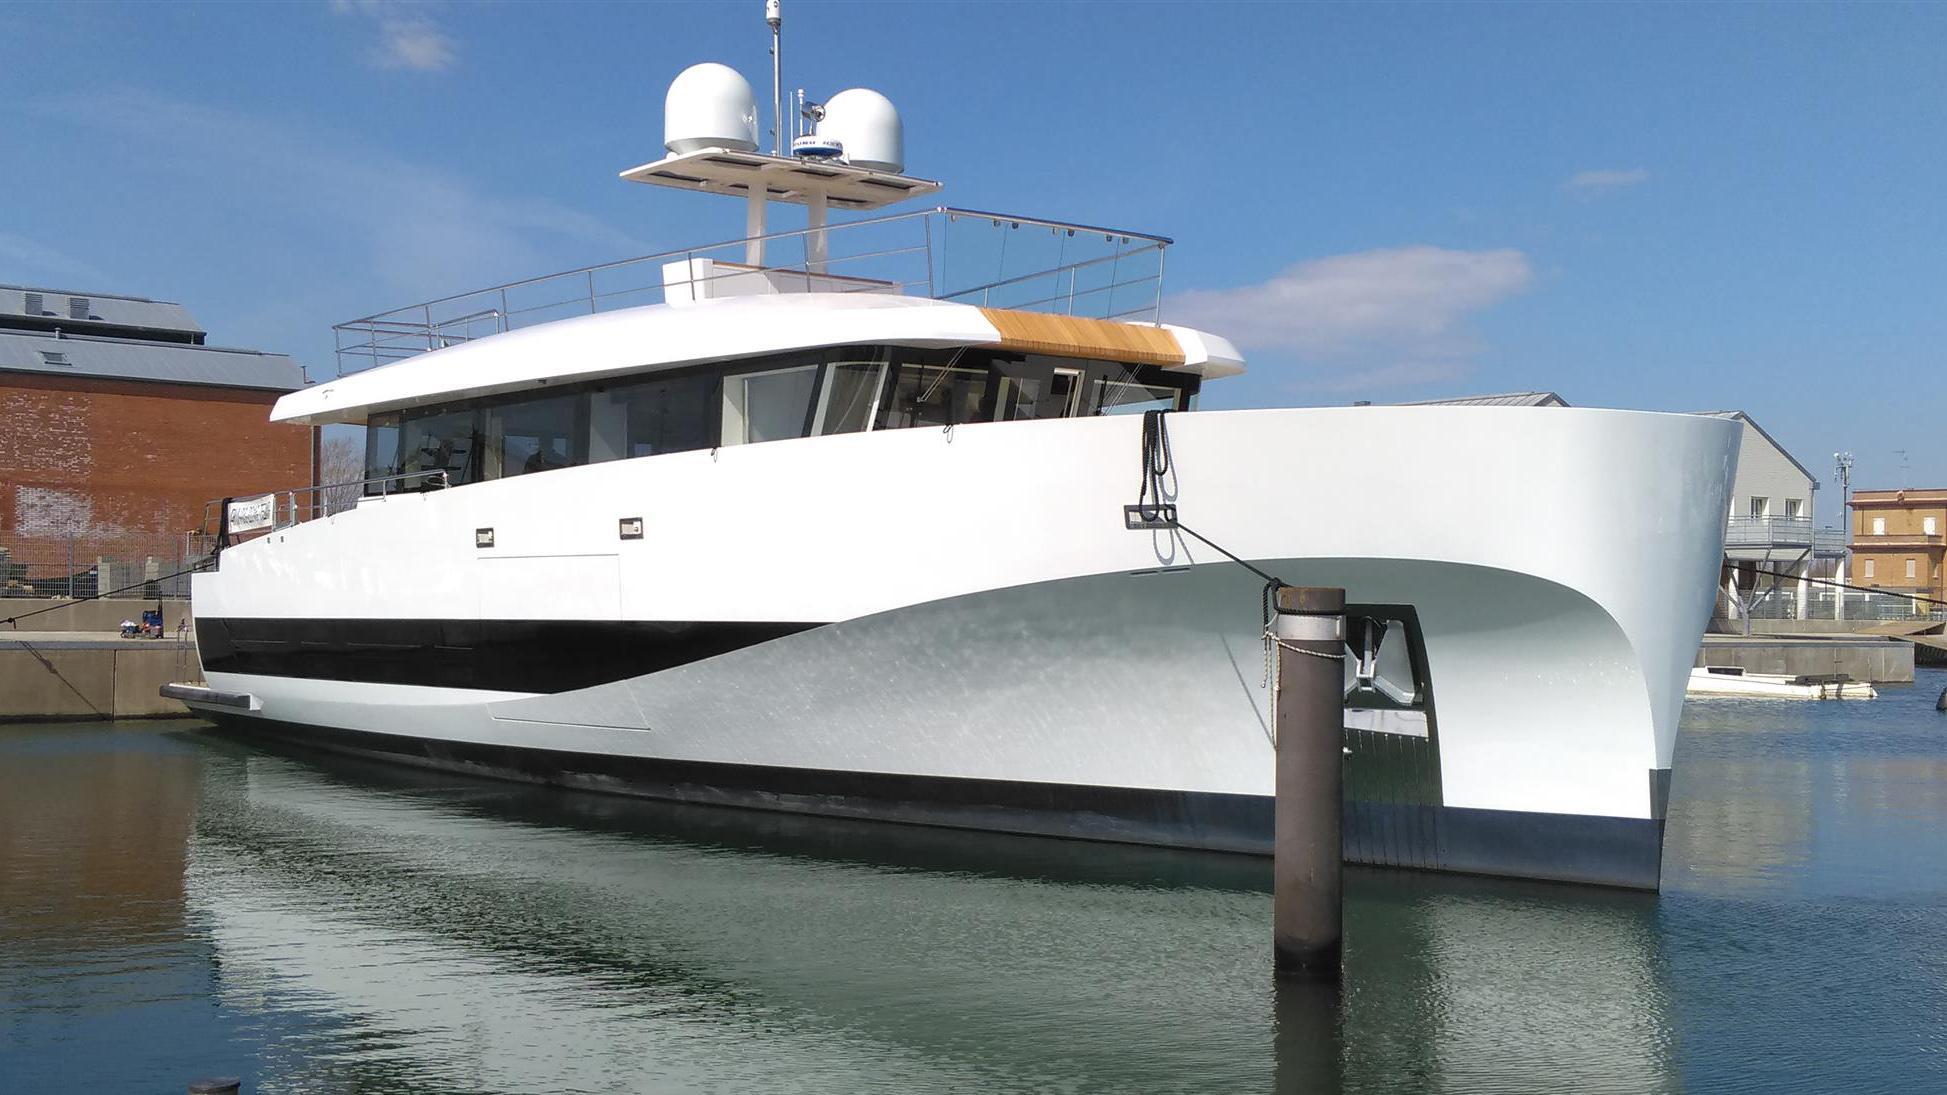 private gg motoryacht wally wallyace 27m 2018 launch half profile